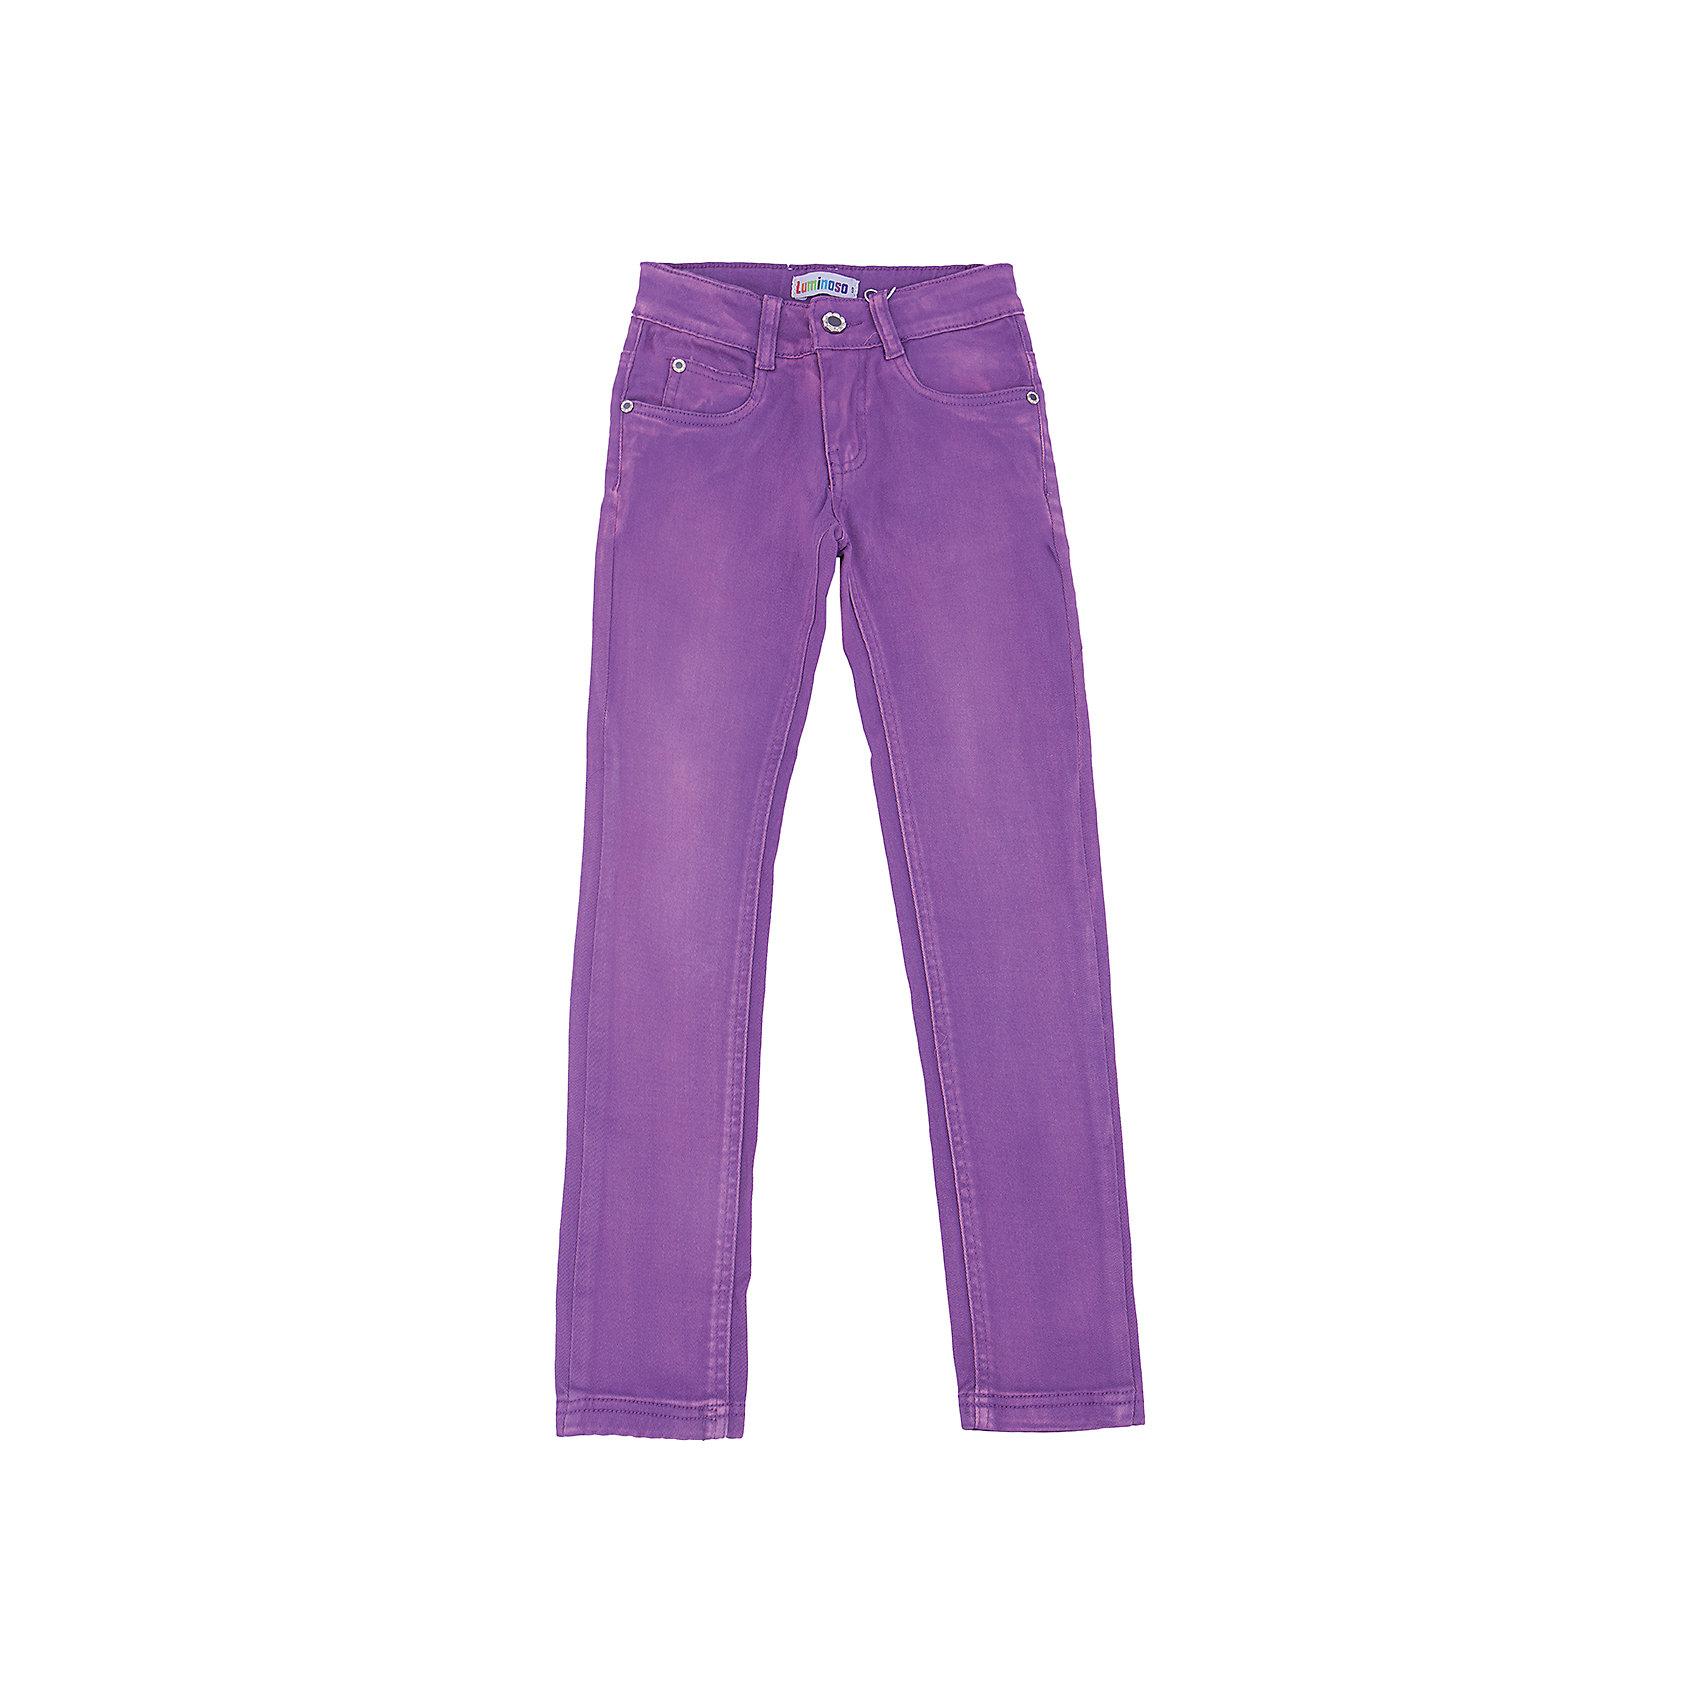 Брюки для девочки LuminosoБрюки<br>Характеристики товара:<br><br>- цвет: фиолетовый;<br>- материал: 98% хлопок, 2% эластан;<br>- эластичный твил;<br>- застежка: пуговица и молния;<br>- пояс регулируется внутренней резинкой на пуговицах;<br>- шлевки для ремня.<br><br>Стильная одежда от бренда Luminoso (Люминосо), созданная при участии итальянских дизайнеров, учитывает потребности подростков и последние веяния моды. Она удобная и модная.<br>Эти брюки выглядят стильно и нарядно, но при этом подходят для ежедневного ношения. Они хорошо сидят на ребенке, обеспечивают комфорт и отлично сочетаются с одежной разных стилей. Модель отличается высоким качеством материала и продуманным дизайном. Натуральный хлопок в составе изделия делает его дышащим, приятным на ощупь и гипоаллергеным.<br><br>Брюки для девочки от бренда Luminoso (Люминосо) можно купить в нашем интернет-магазине.<br><br>Ширина мм: 215<br>Глубина мм: 88<br>Высота мм: 191<br>Вес г: 336<br>Цвет: фиолетовый<br>Возраст от месяцев: 96<br>Возраст до месяцев: 108<br>Пол: Женский<br>Возраст: Детский<br>Размер: 134,164,158,152,146,140<br>SKU: 4929570